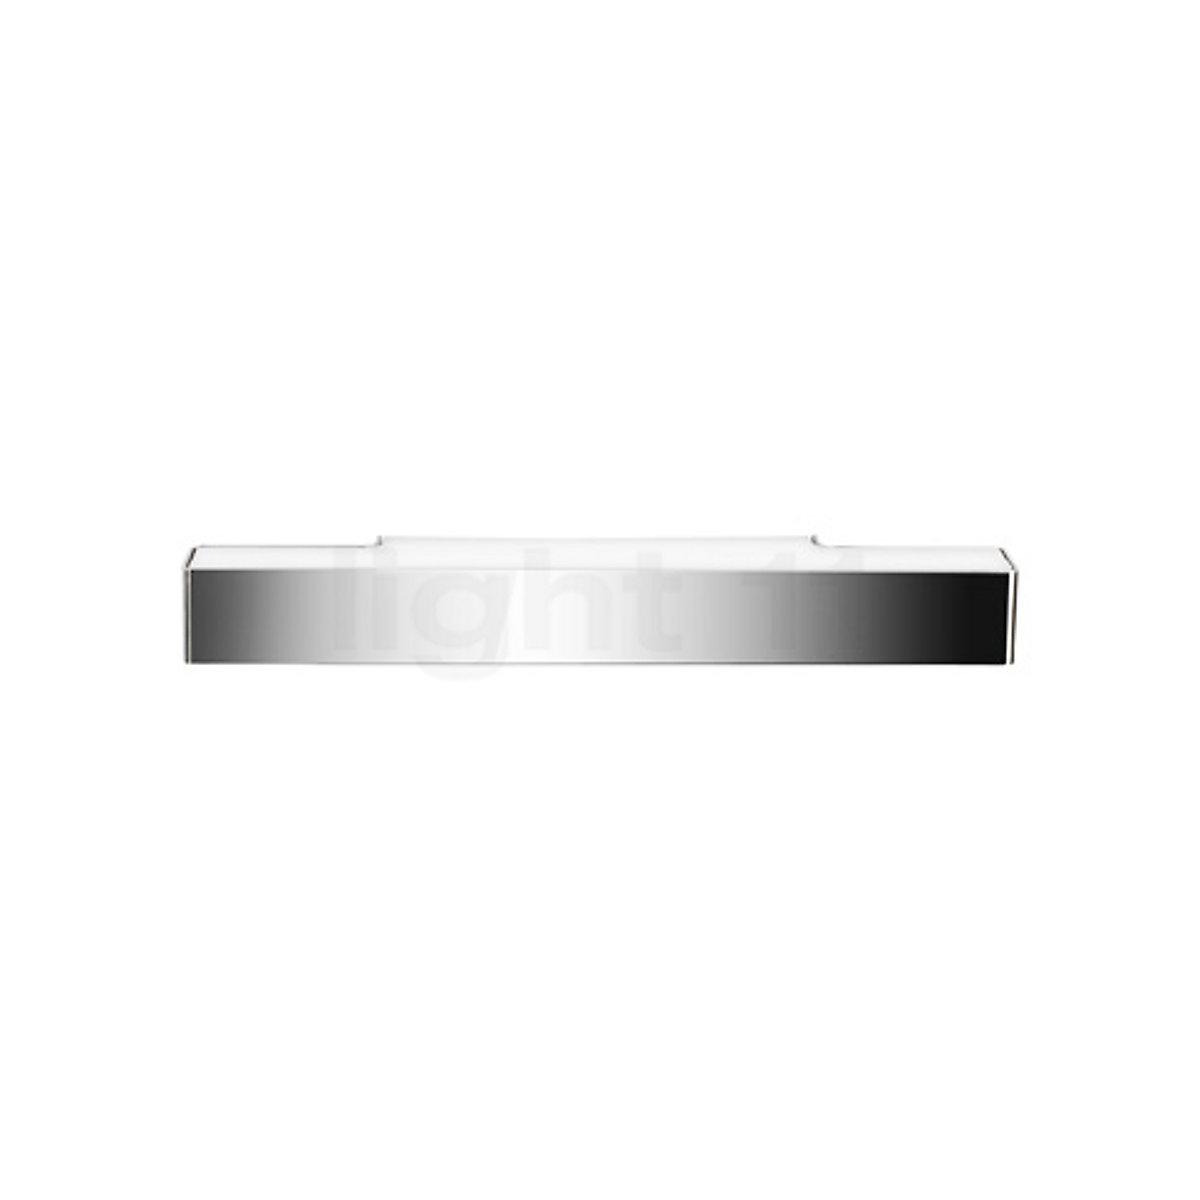 Philips Deckenleuchte Peace 36 W 2G11 230 V